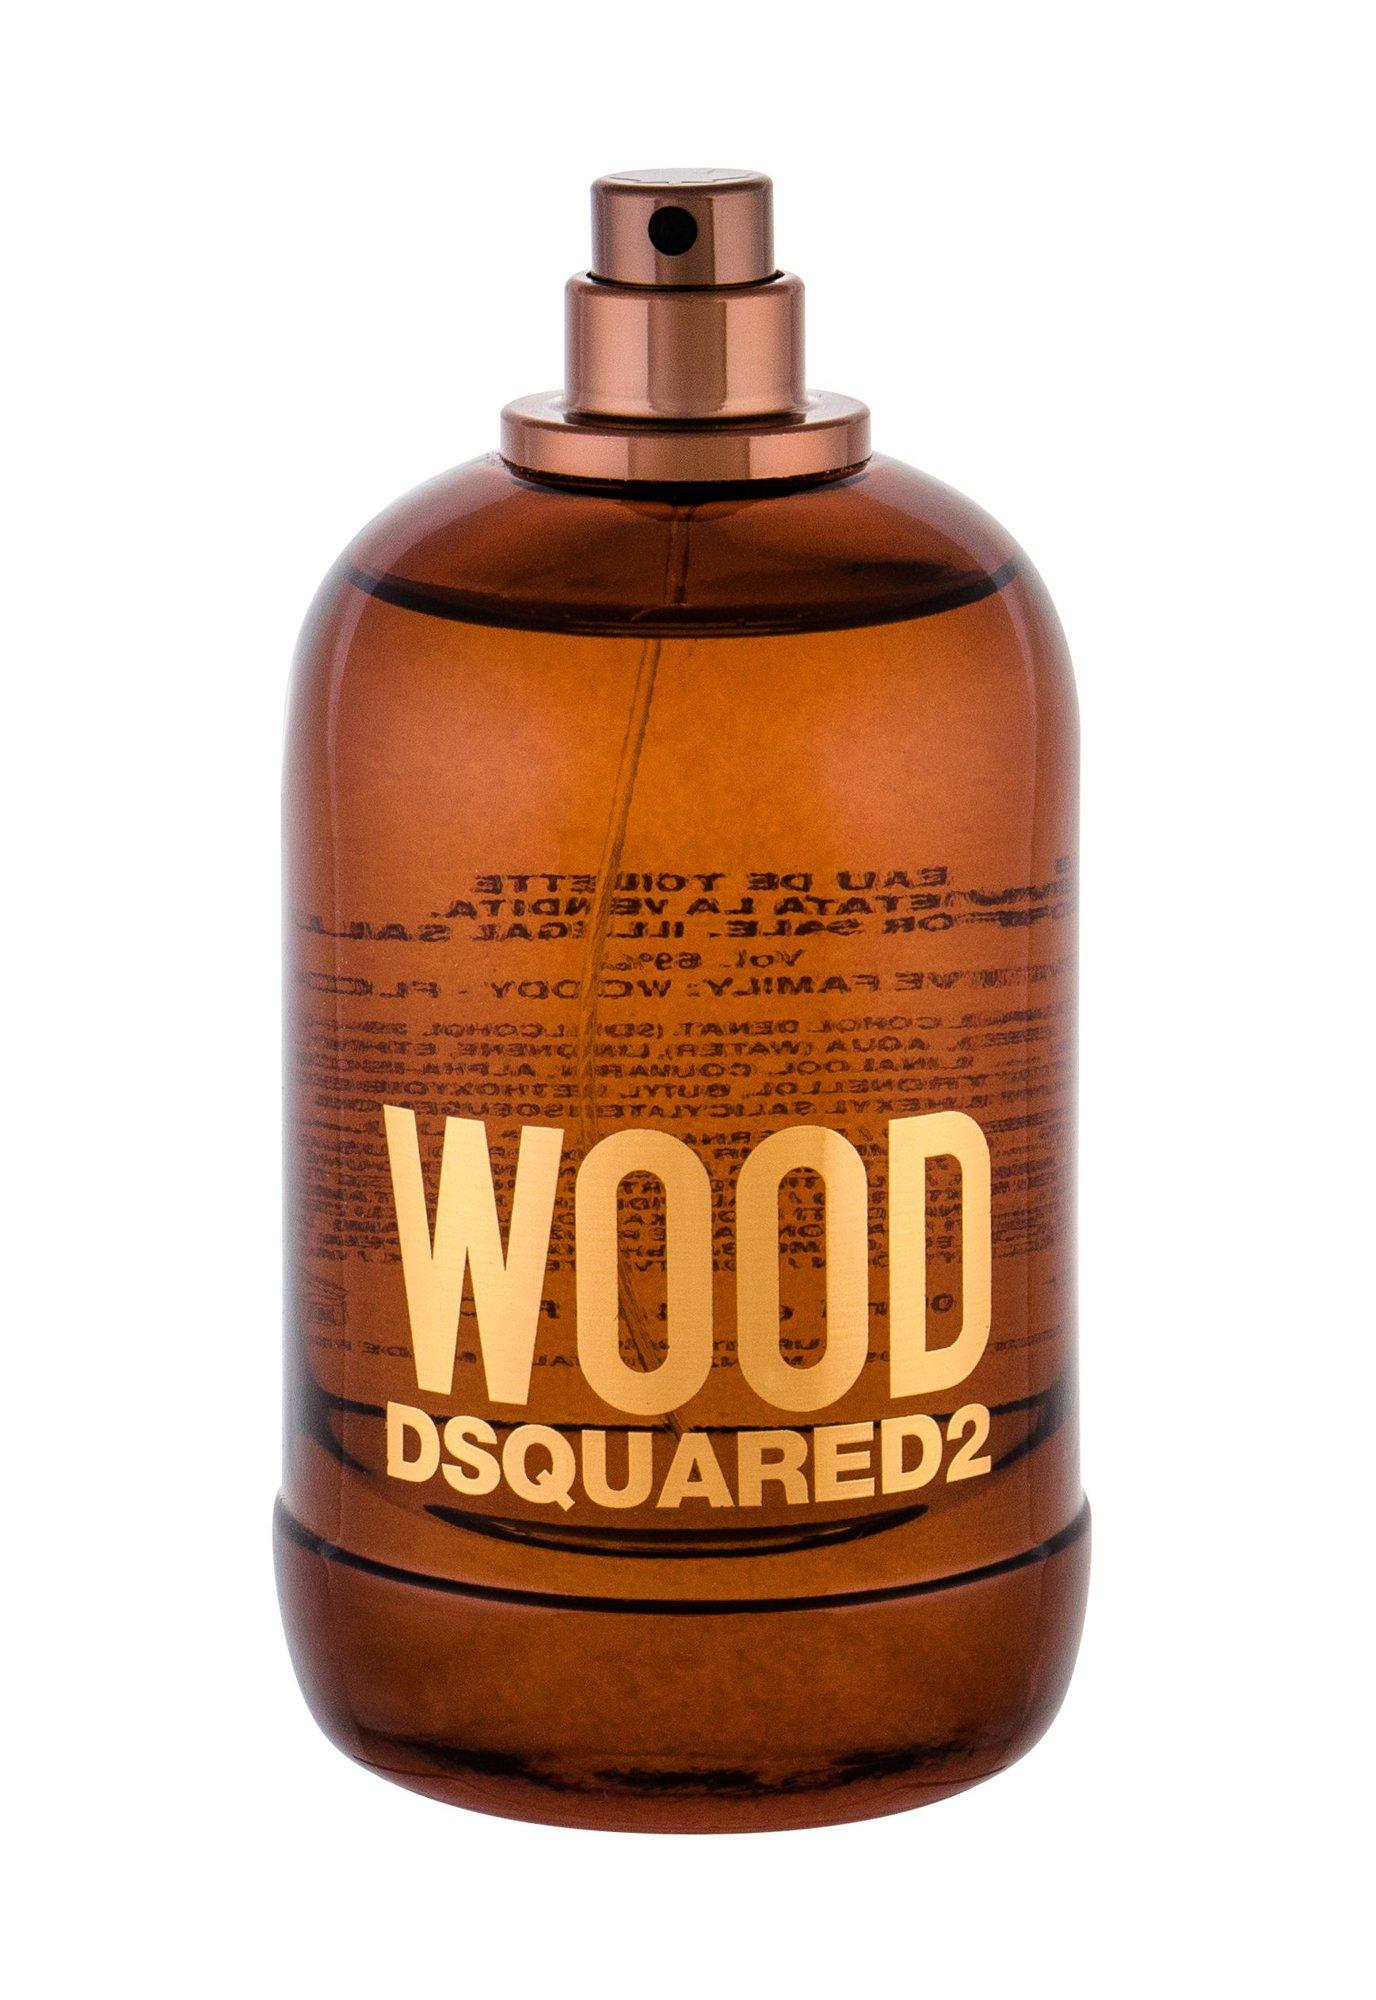 Dsquared2 Wood Eau de Toilette 100ml